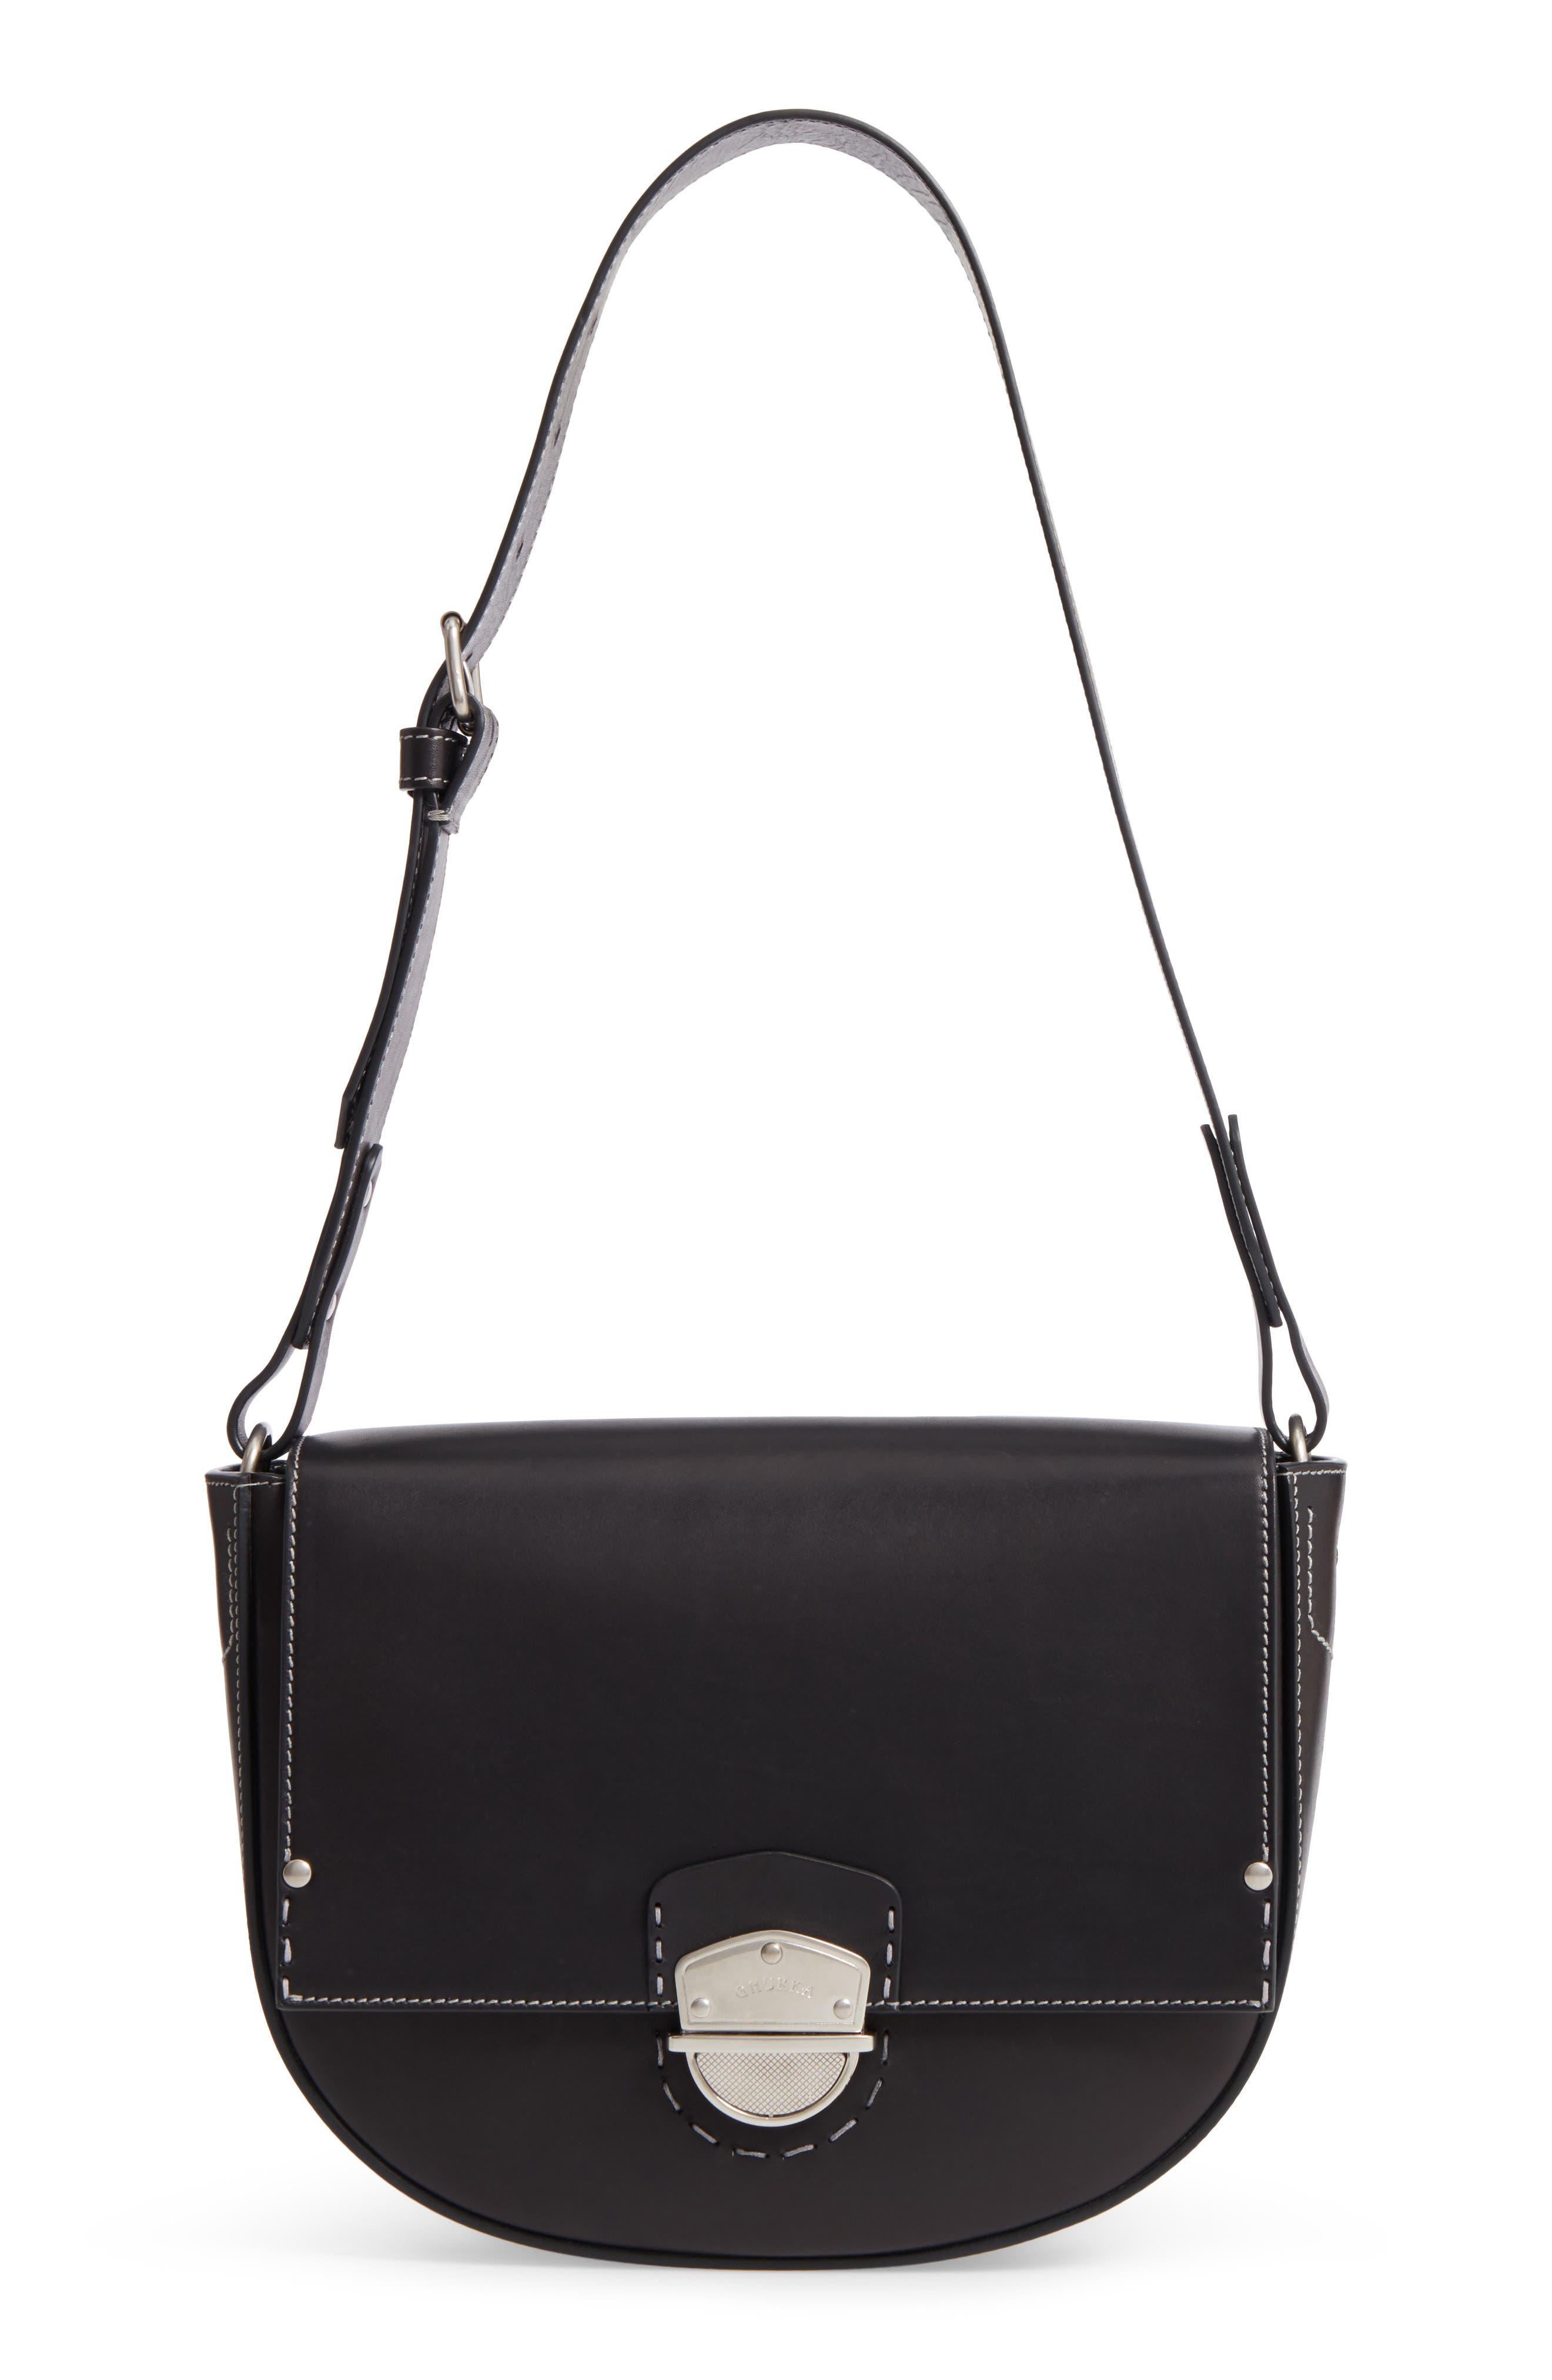 Ghurka Marlow II Leather Shoulder Bag